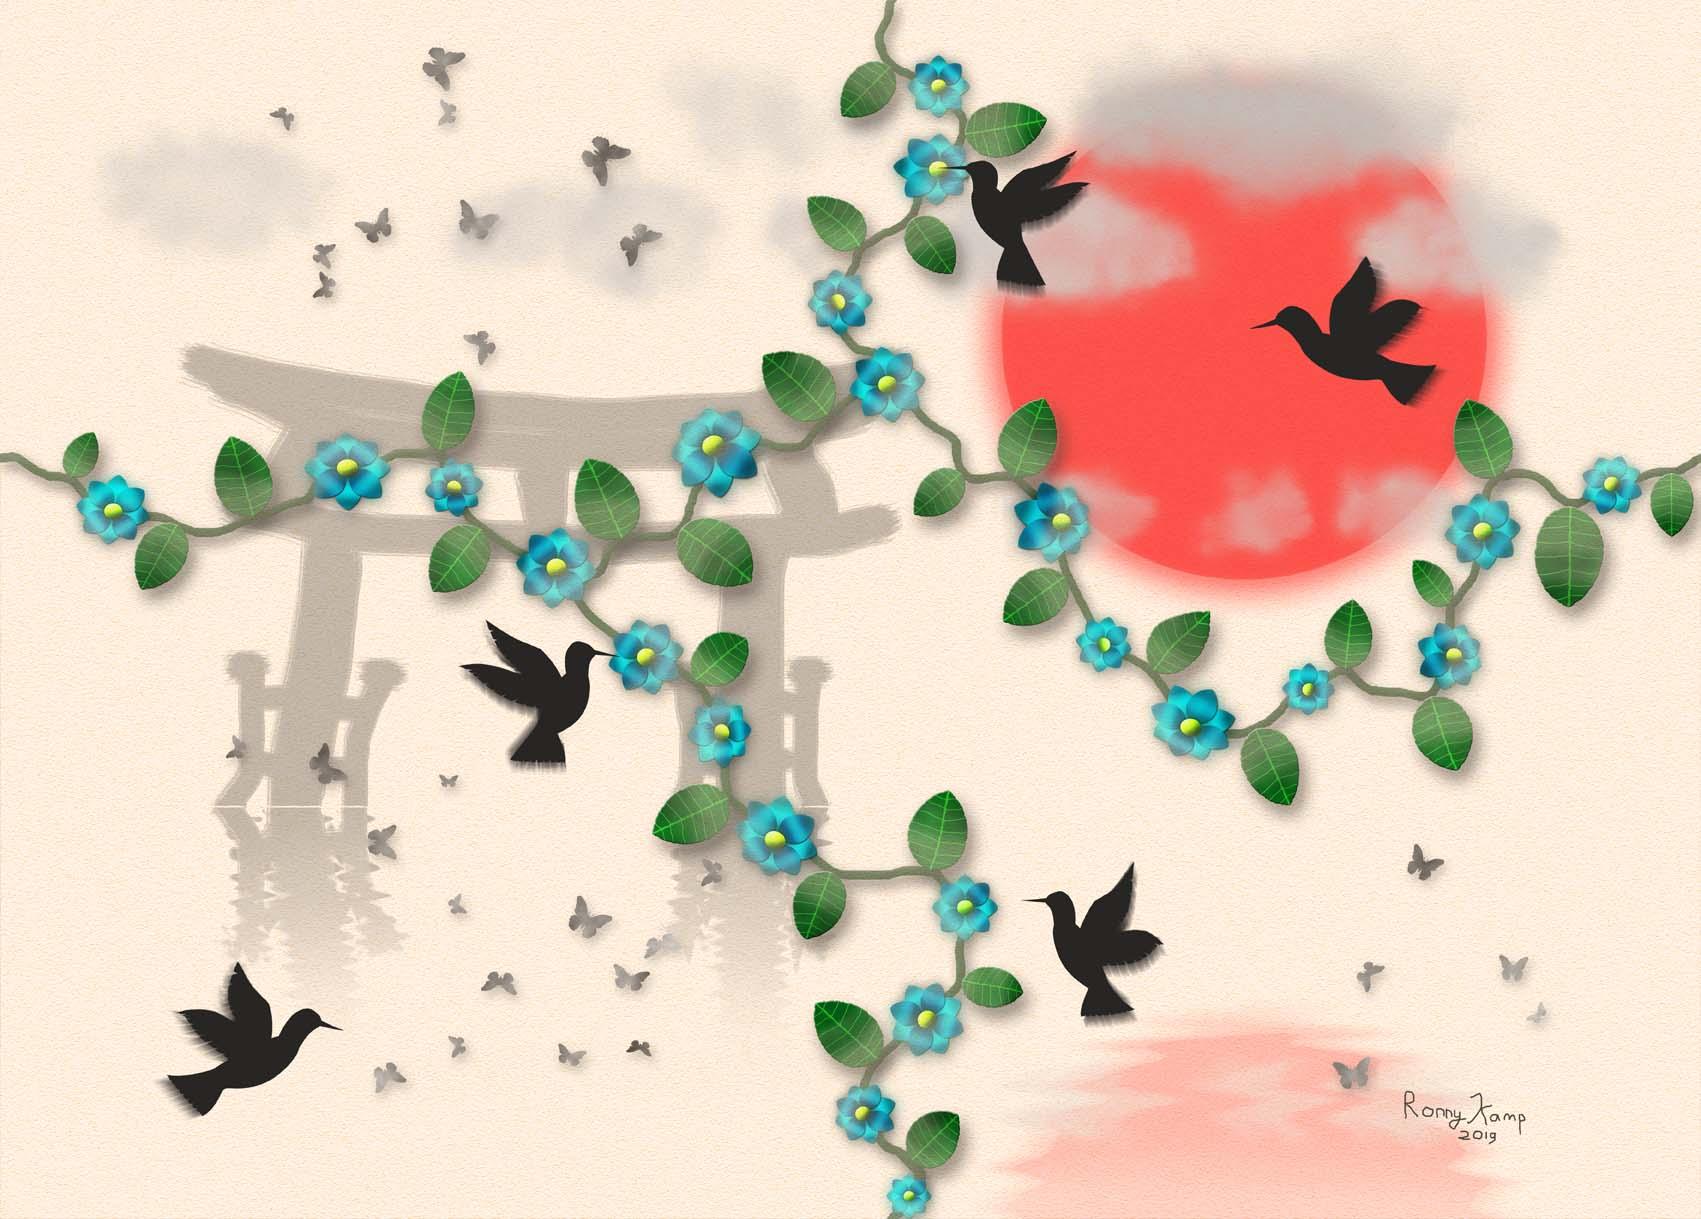 Bloemen en vogels op een achtergrond met Japanse invloeden. Een Shinto weerspiegelt in het water evenals de rode zon. Alle onderdelen zijn gericht op het ervaren van de soms mysterieuze Japanse cultuur.